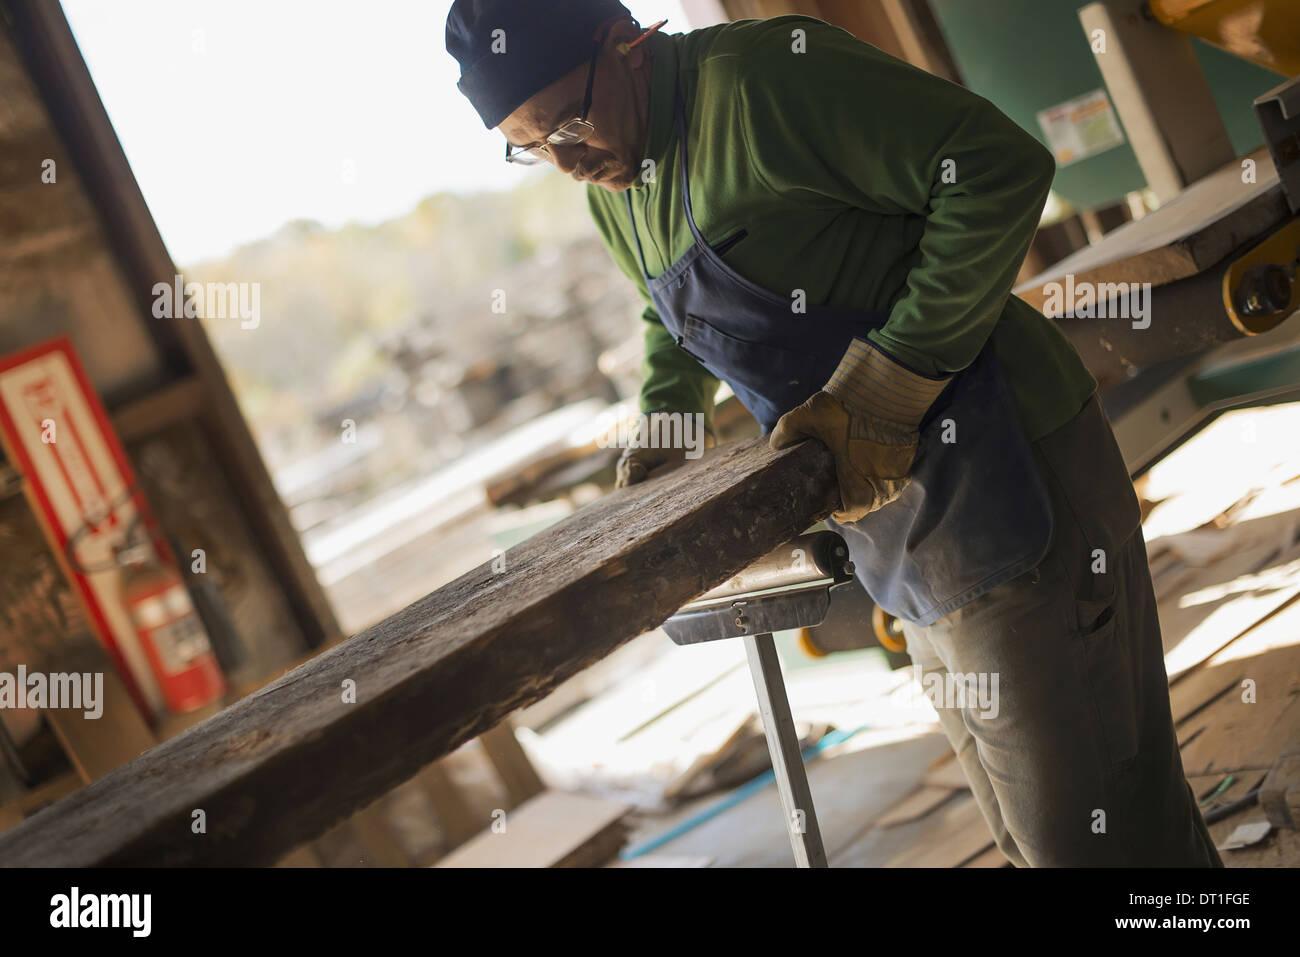 Ein Mann Prüfung eine große Planke des geschnittenen Holzes in einem aufgearbeiteten Holz Hof eine Werkstatt Stockbild